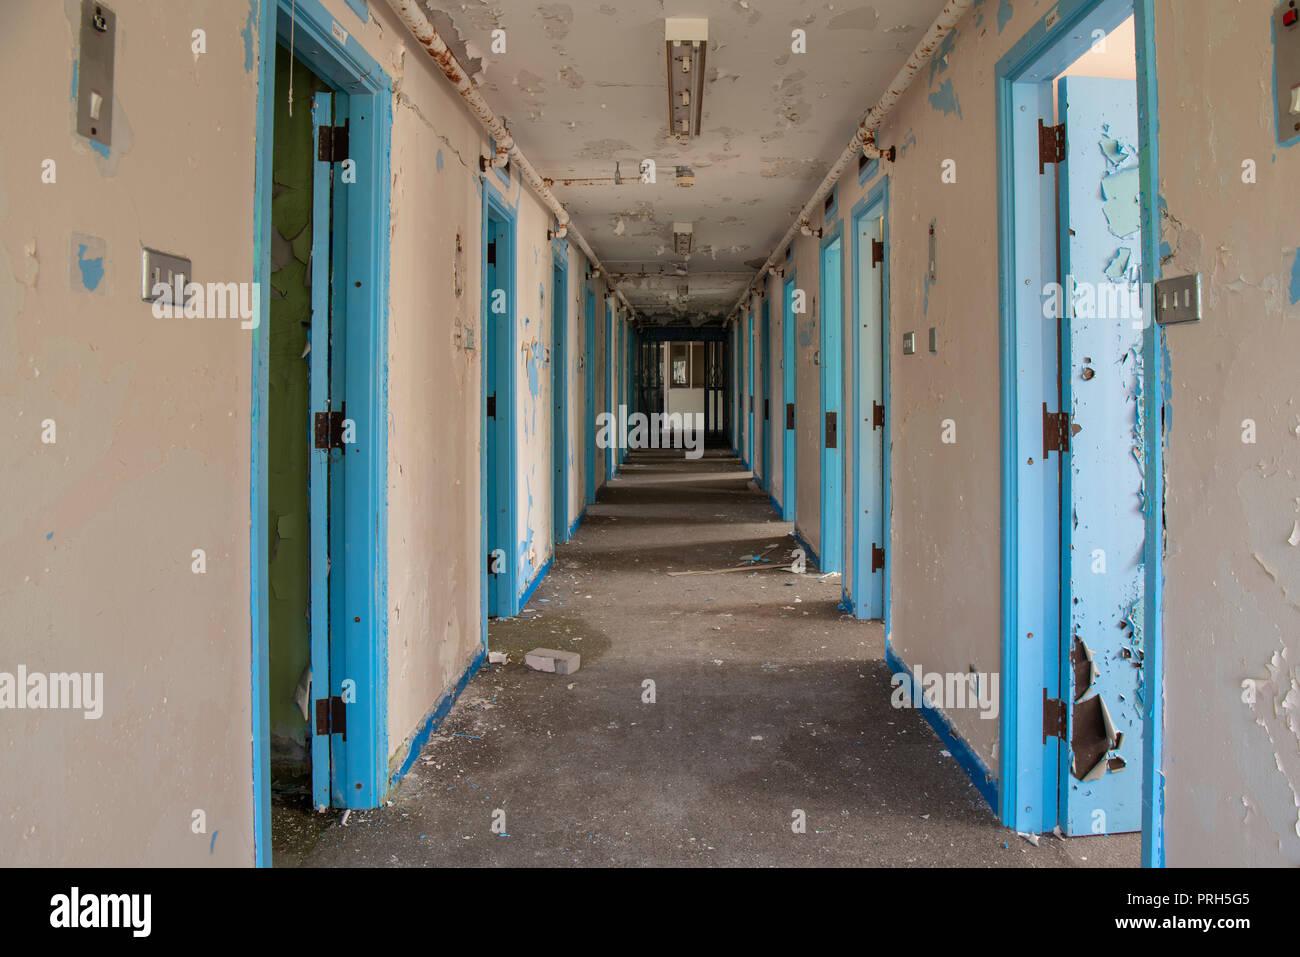 Il corridoio della cella di prigione porte all'interno di un carcere abbandonato. Immagini Stock